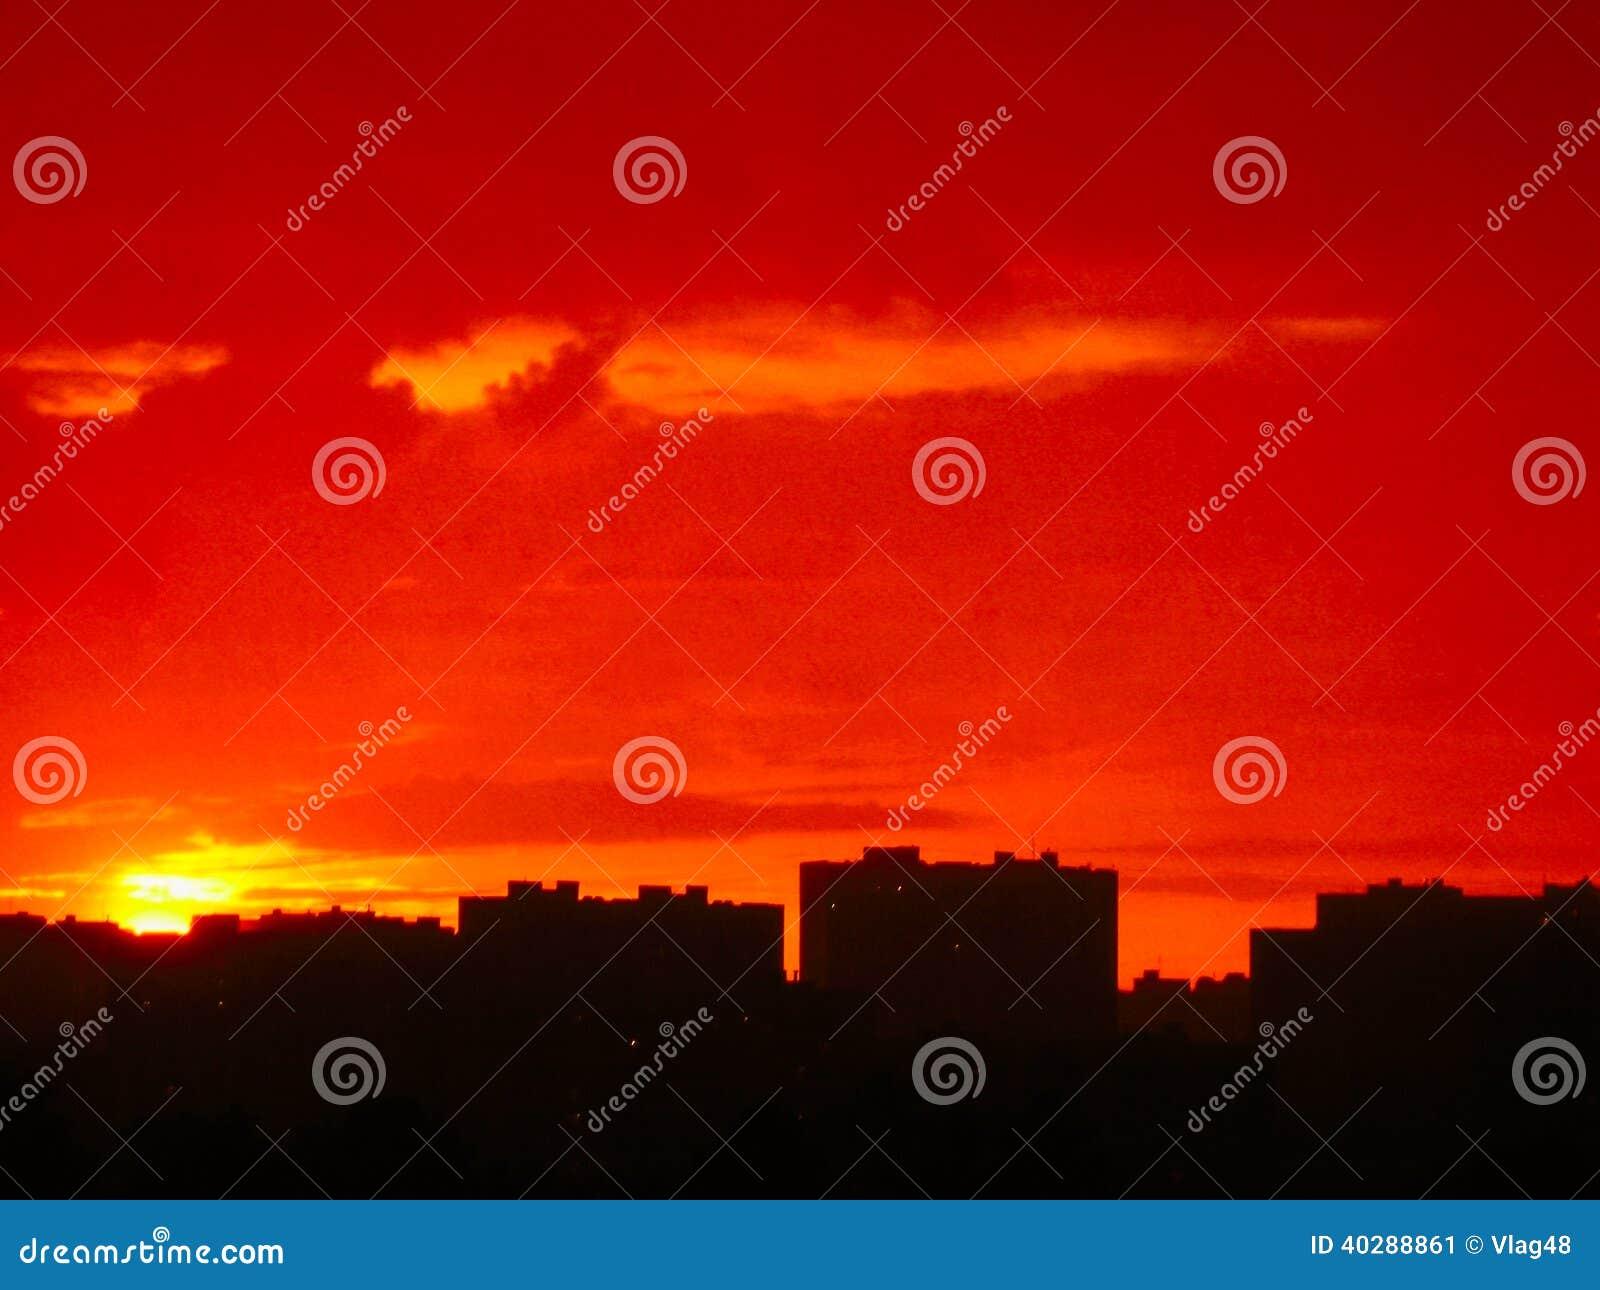 Заход солнца в одном из жилых районов города Москвы.